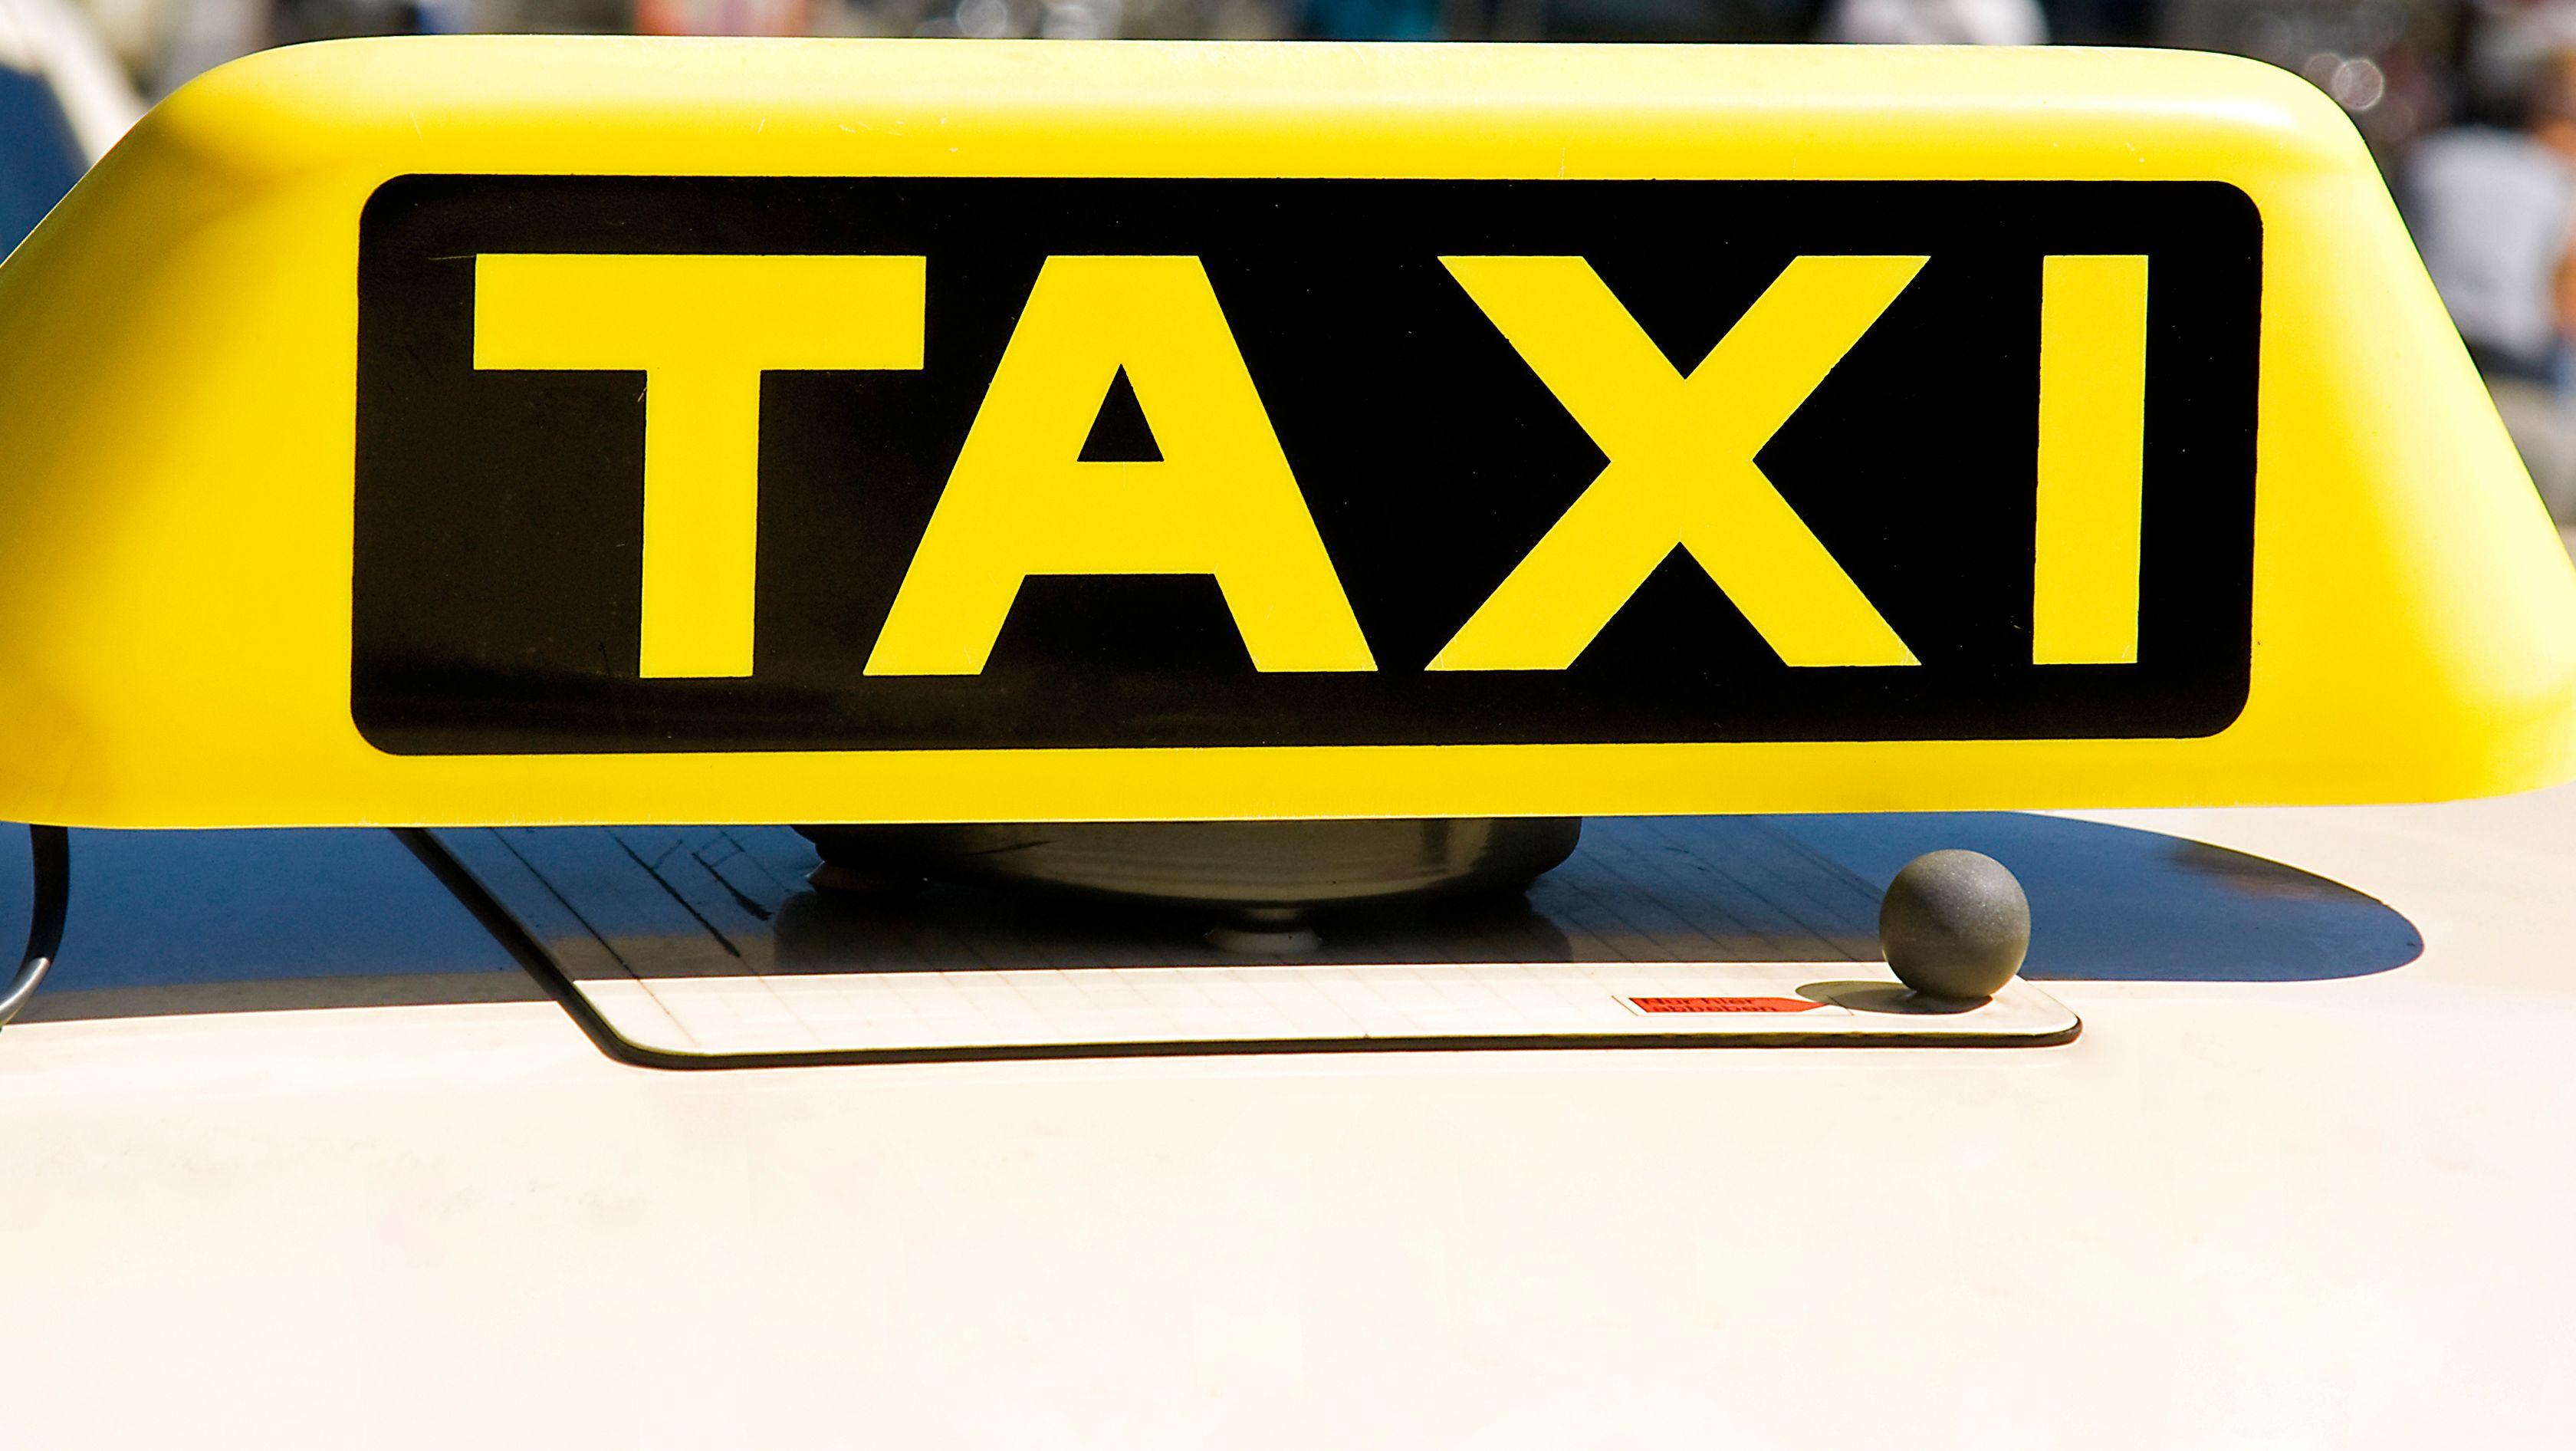 Taxi-Schild auf Autodach (Symbolbild)